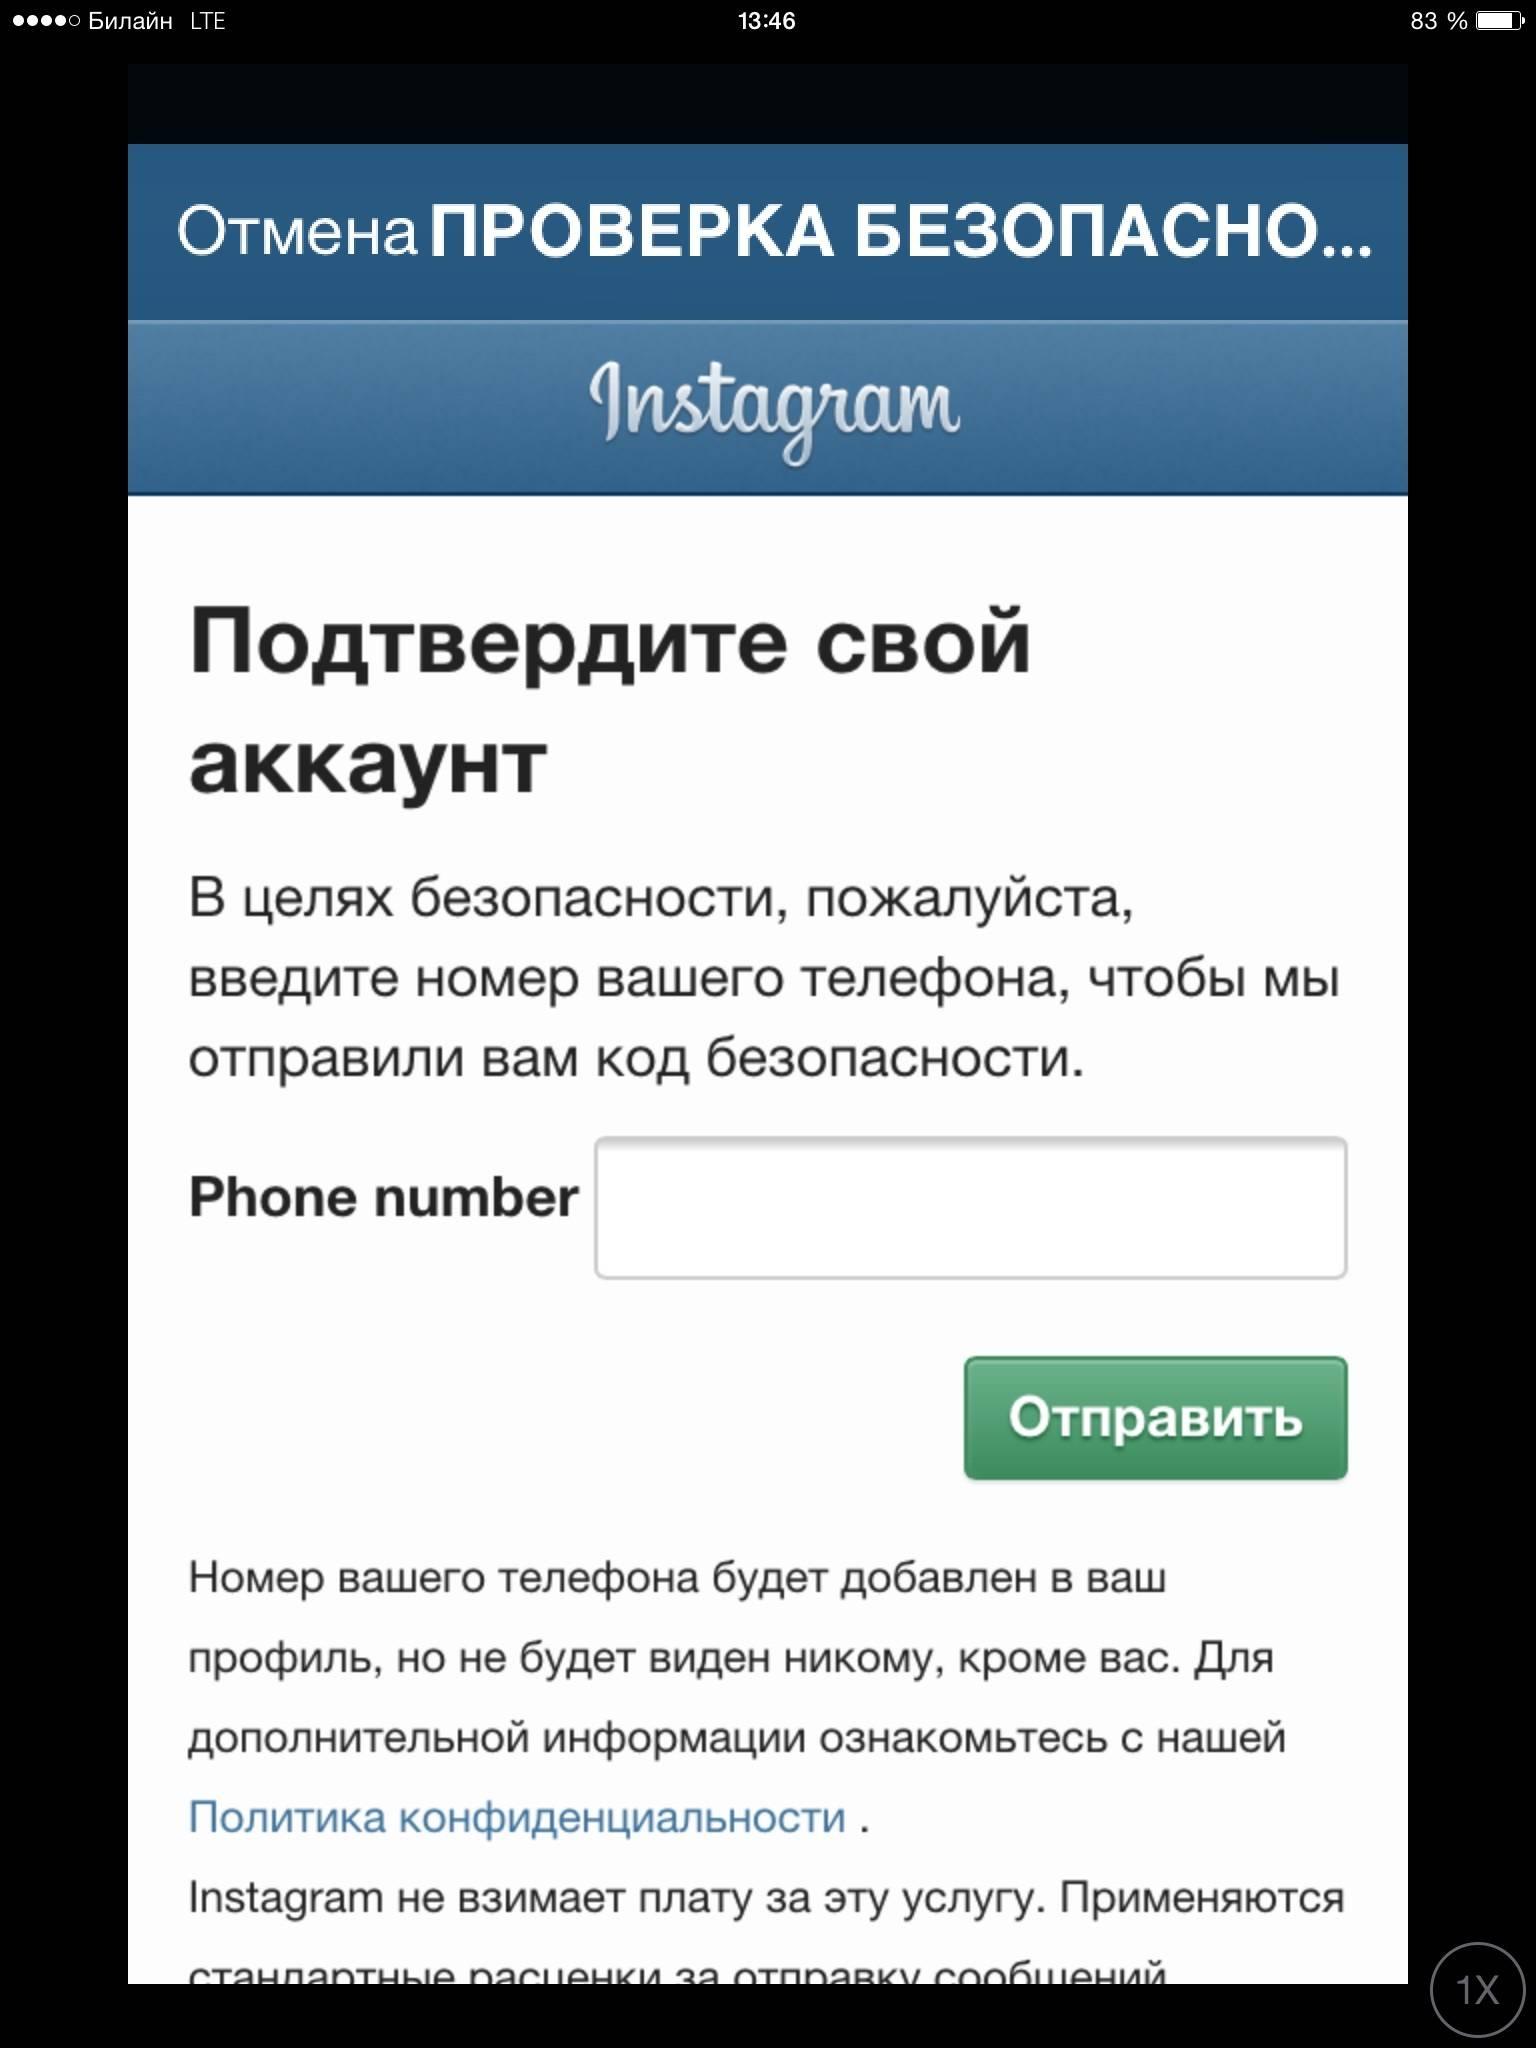 Как изменить номер телефона в инстаграме